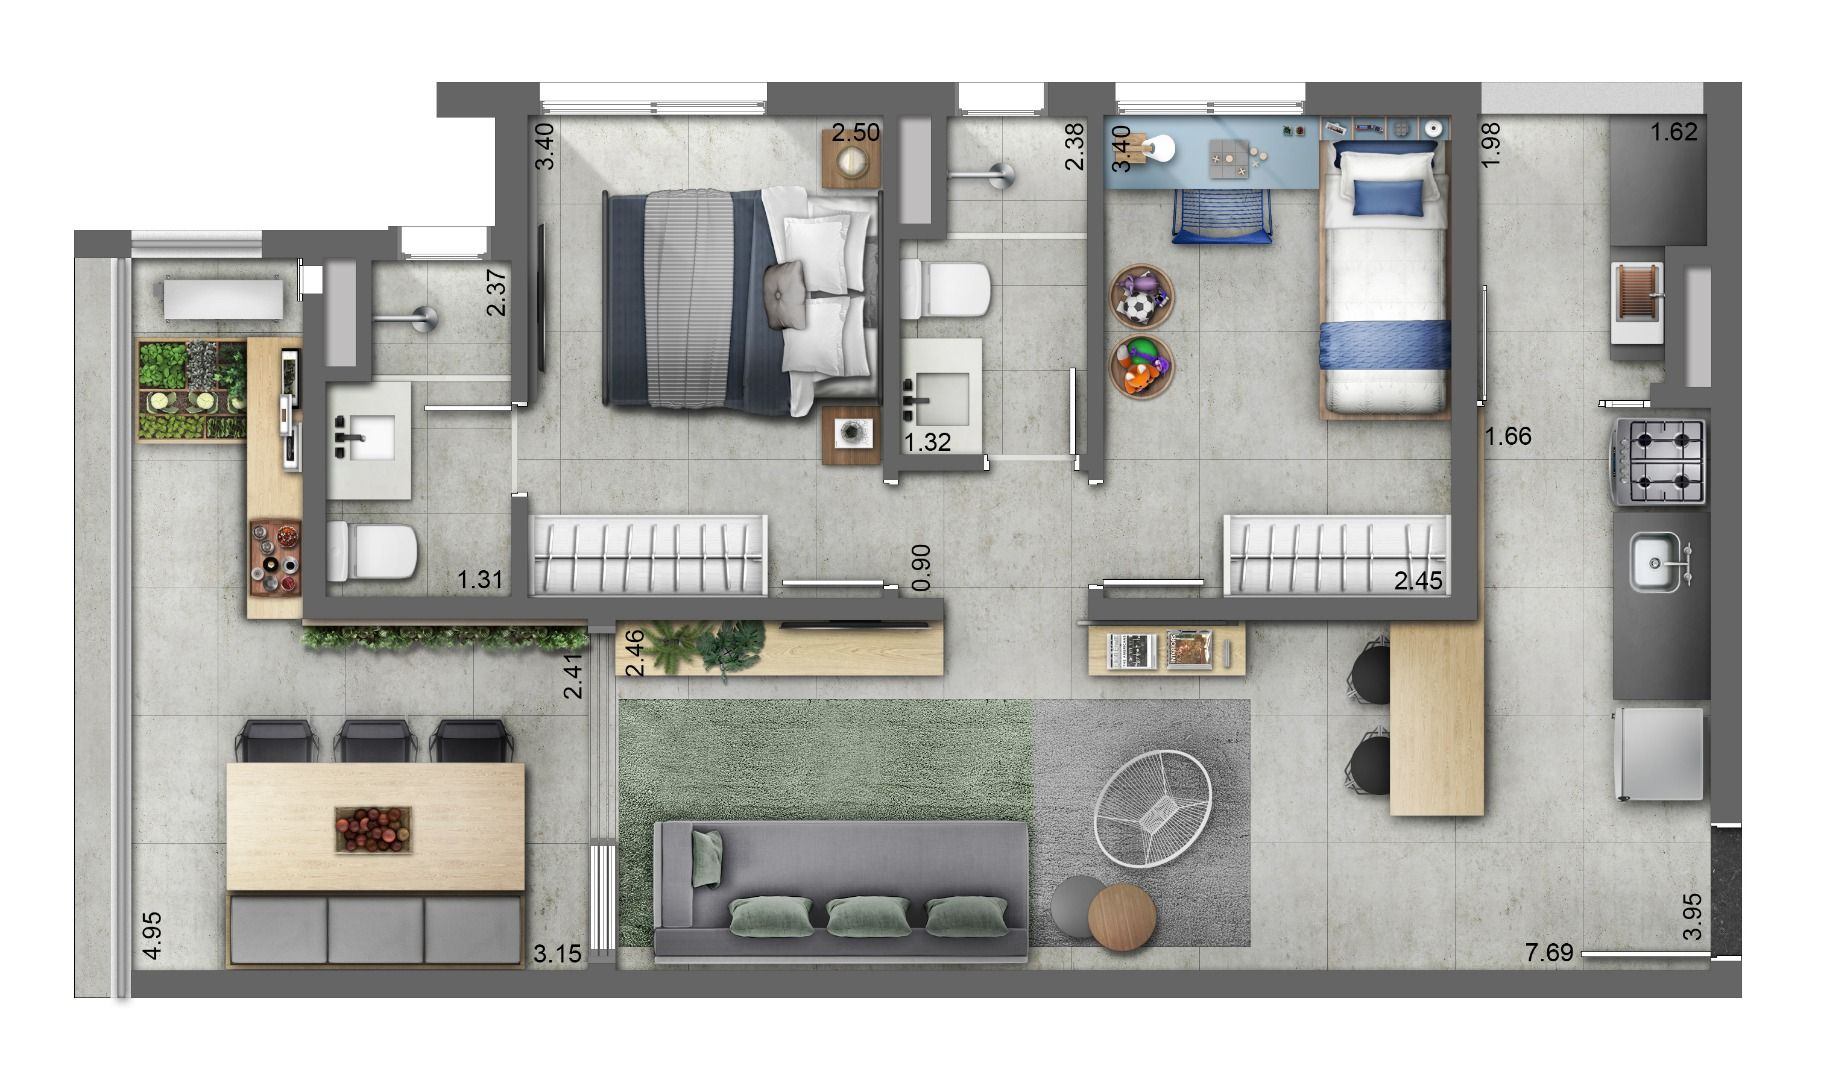 69 M² - 2 DORMITÓRIOS, SENDO 1 SUÍTE. Apartamento na Vila Mariana, com ampla integração no living, cozinha americana e terraço com área técnica e previsão para instalação de tv.  Destaque para flexibilidade da planta, sem vigas e pilares.